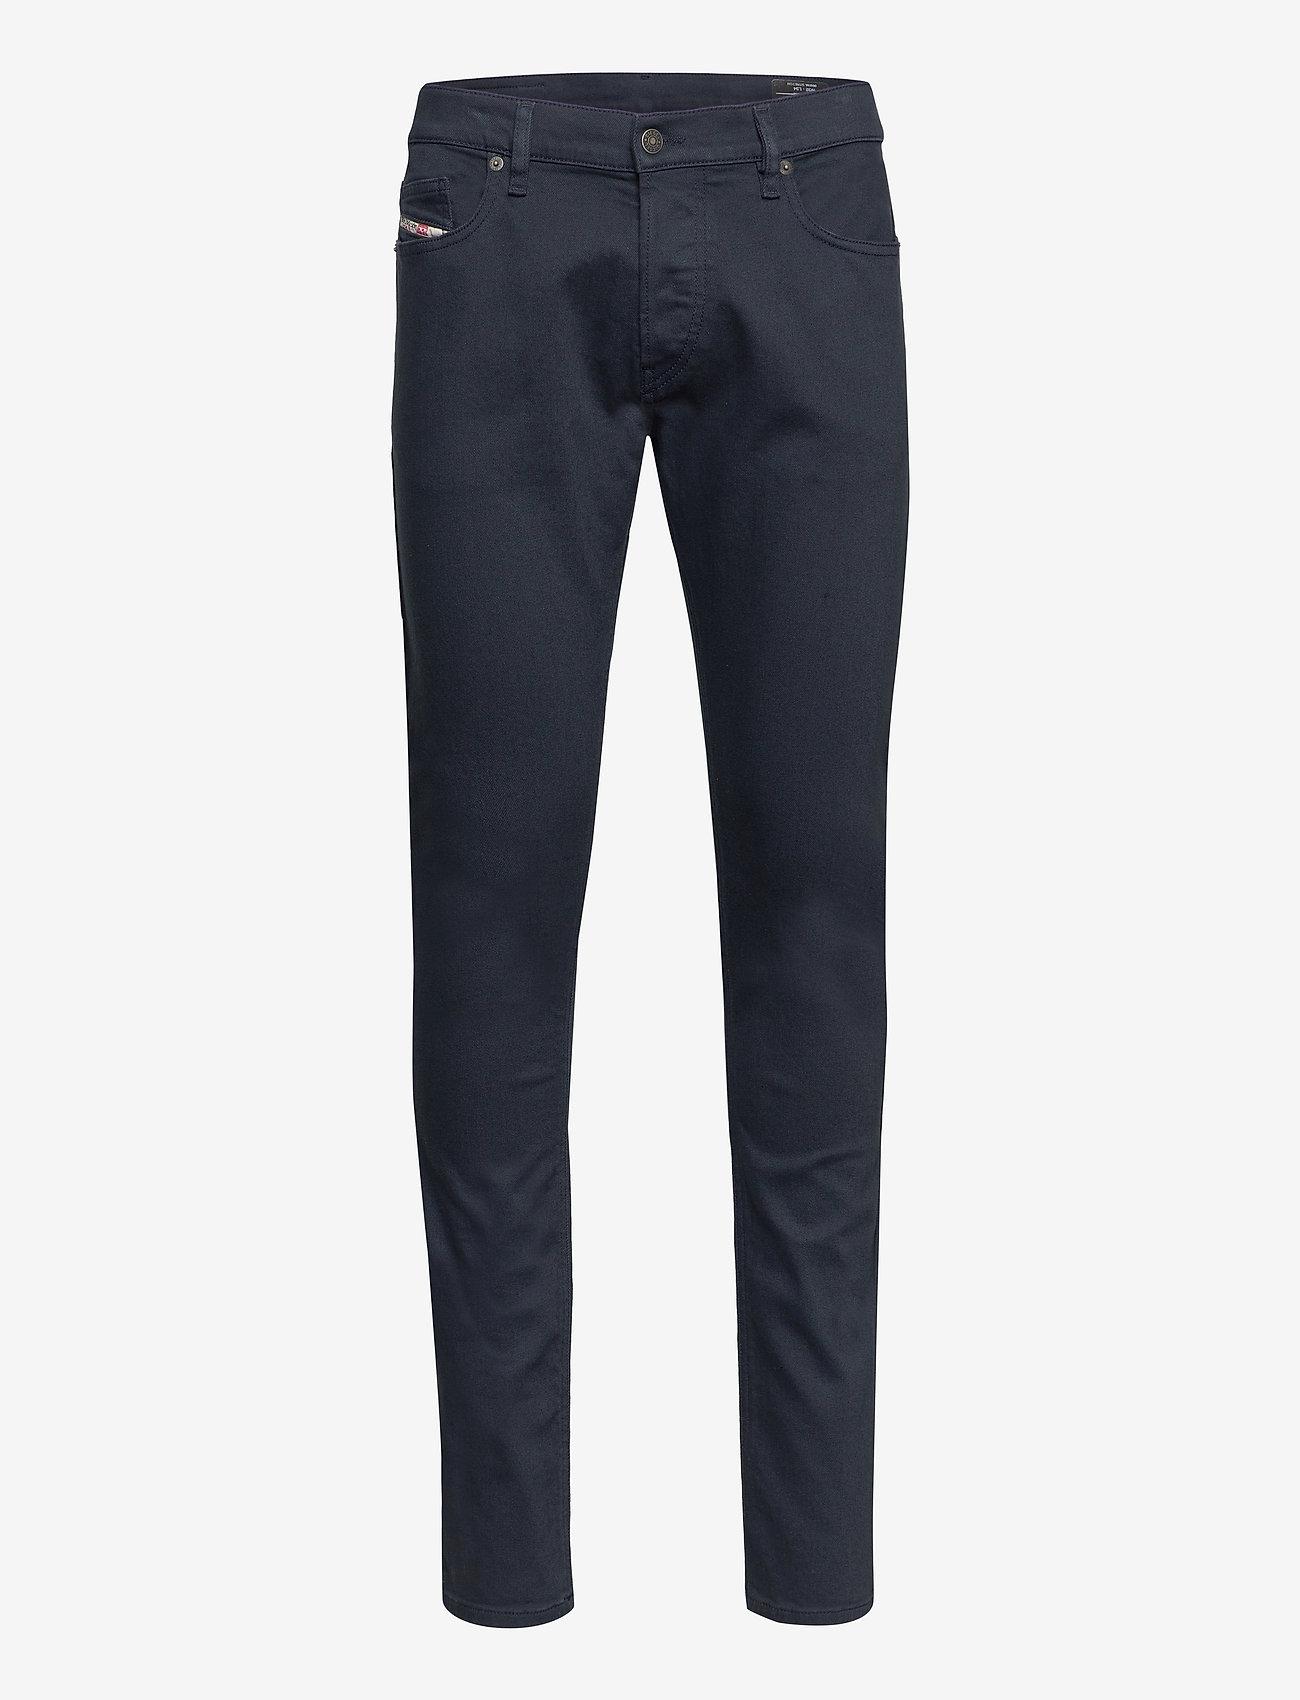 Diesel Men - D-LUSTER L.34 TROUSERS - slim jeans - blue nights - 0